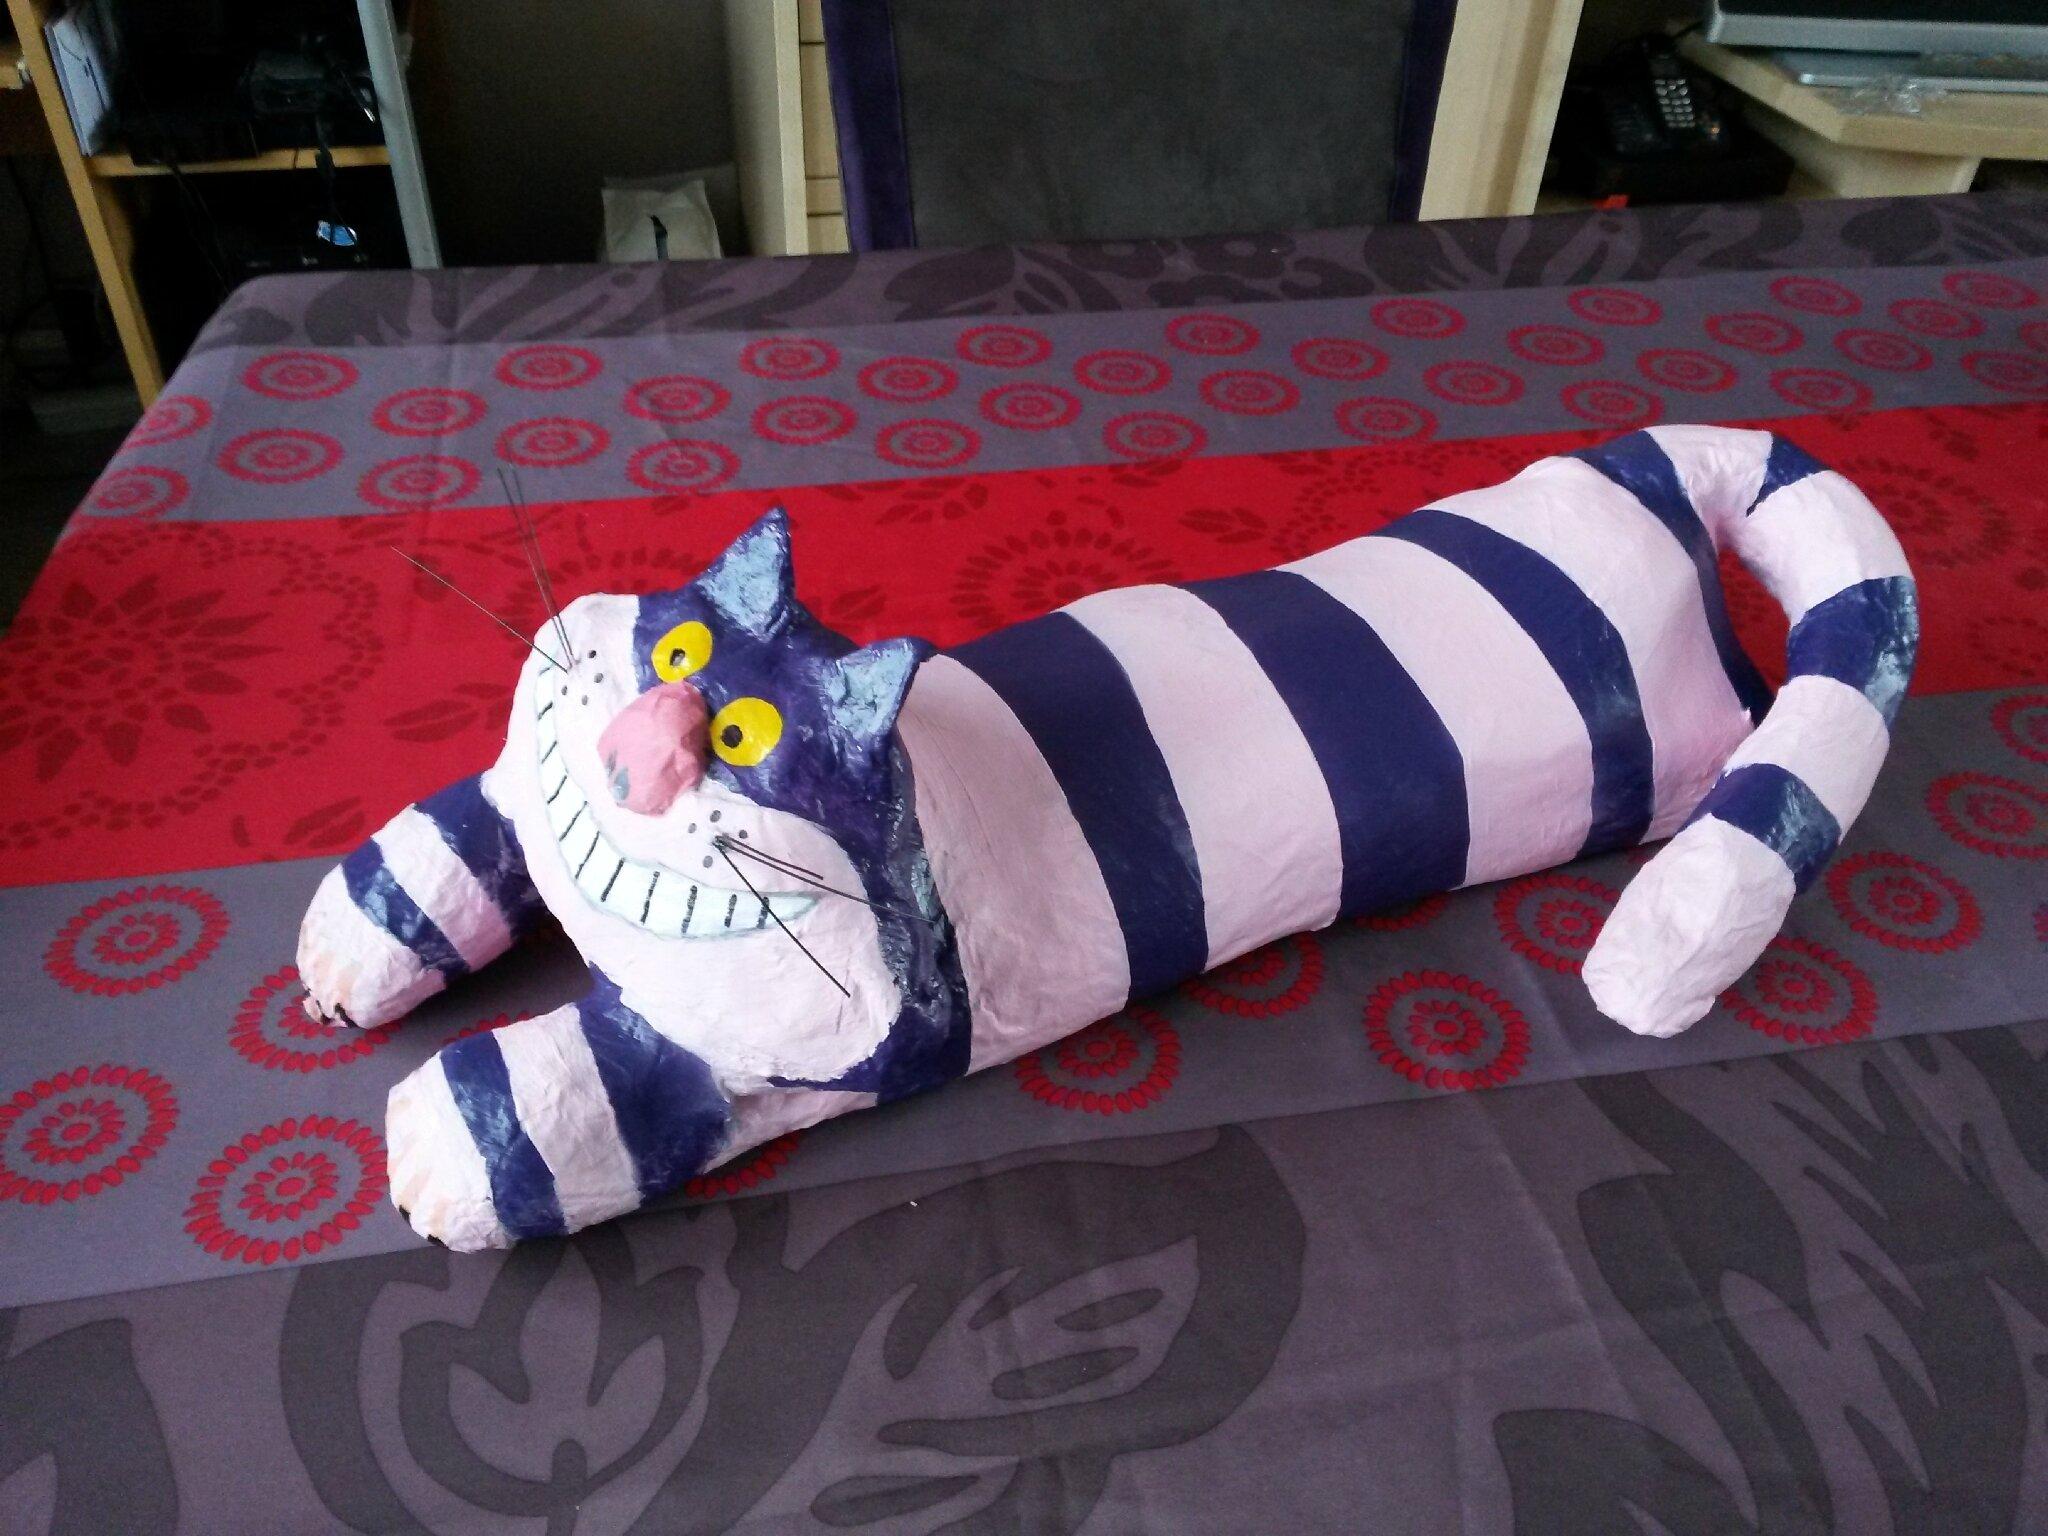 Le chat dans alice aux pays des merveilles les cr ations de katytortue - Decoration alice aux pays des merveilles ...